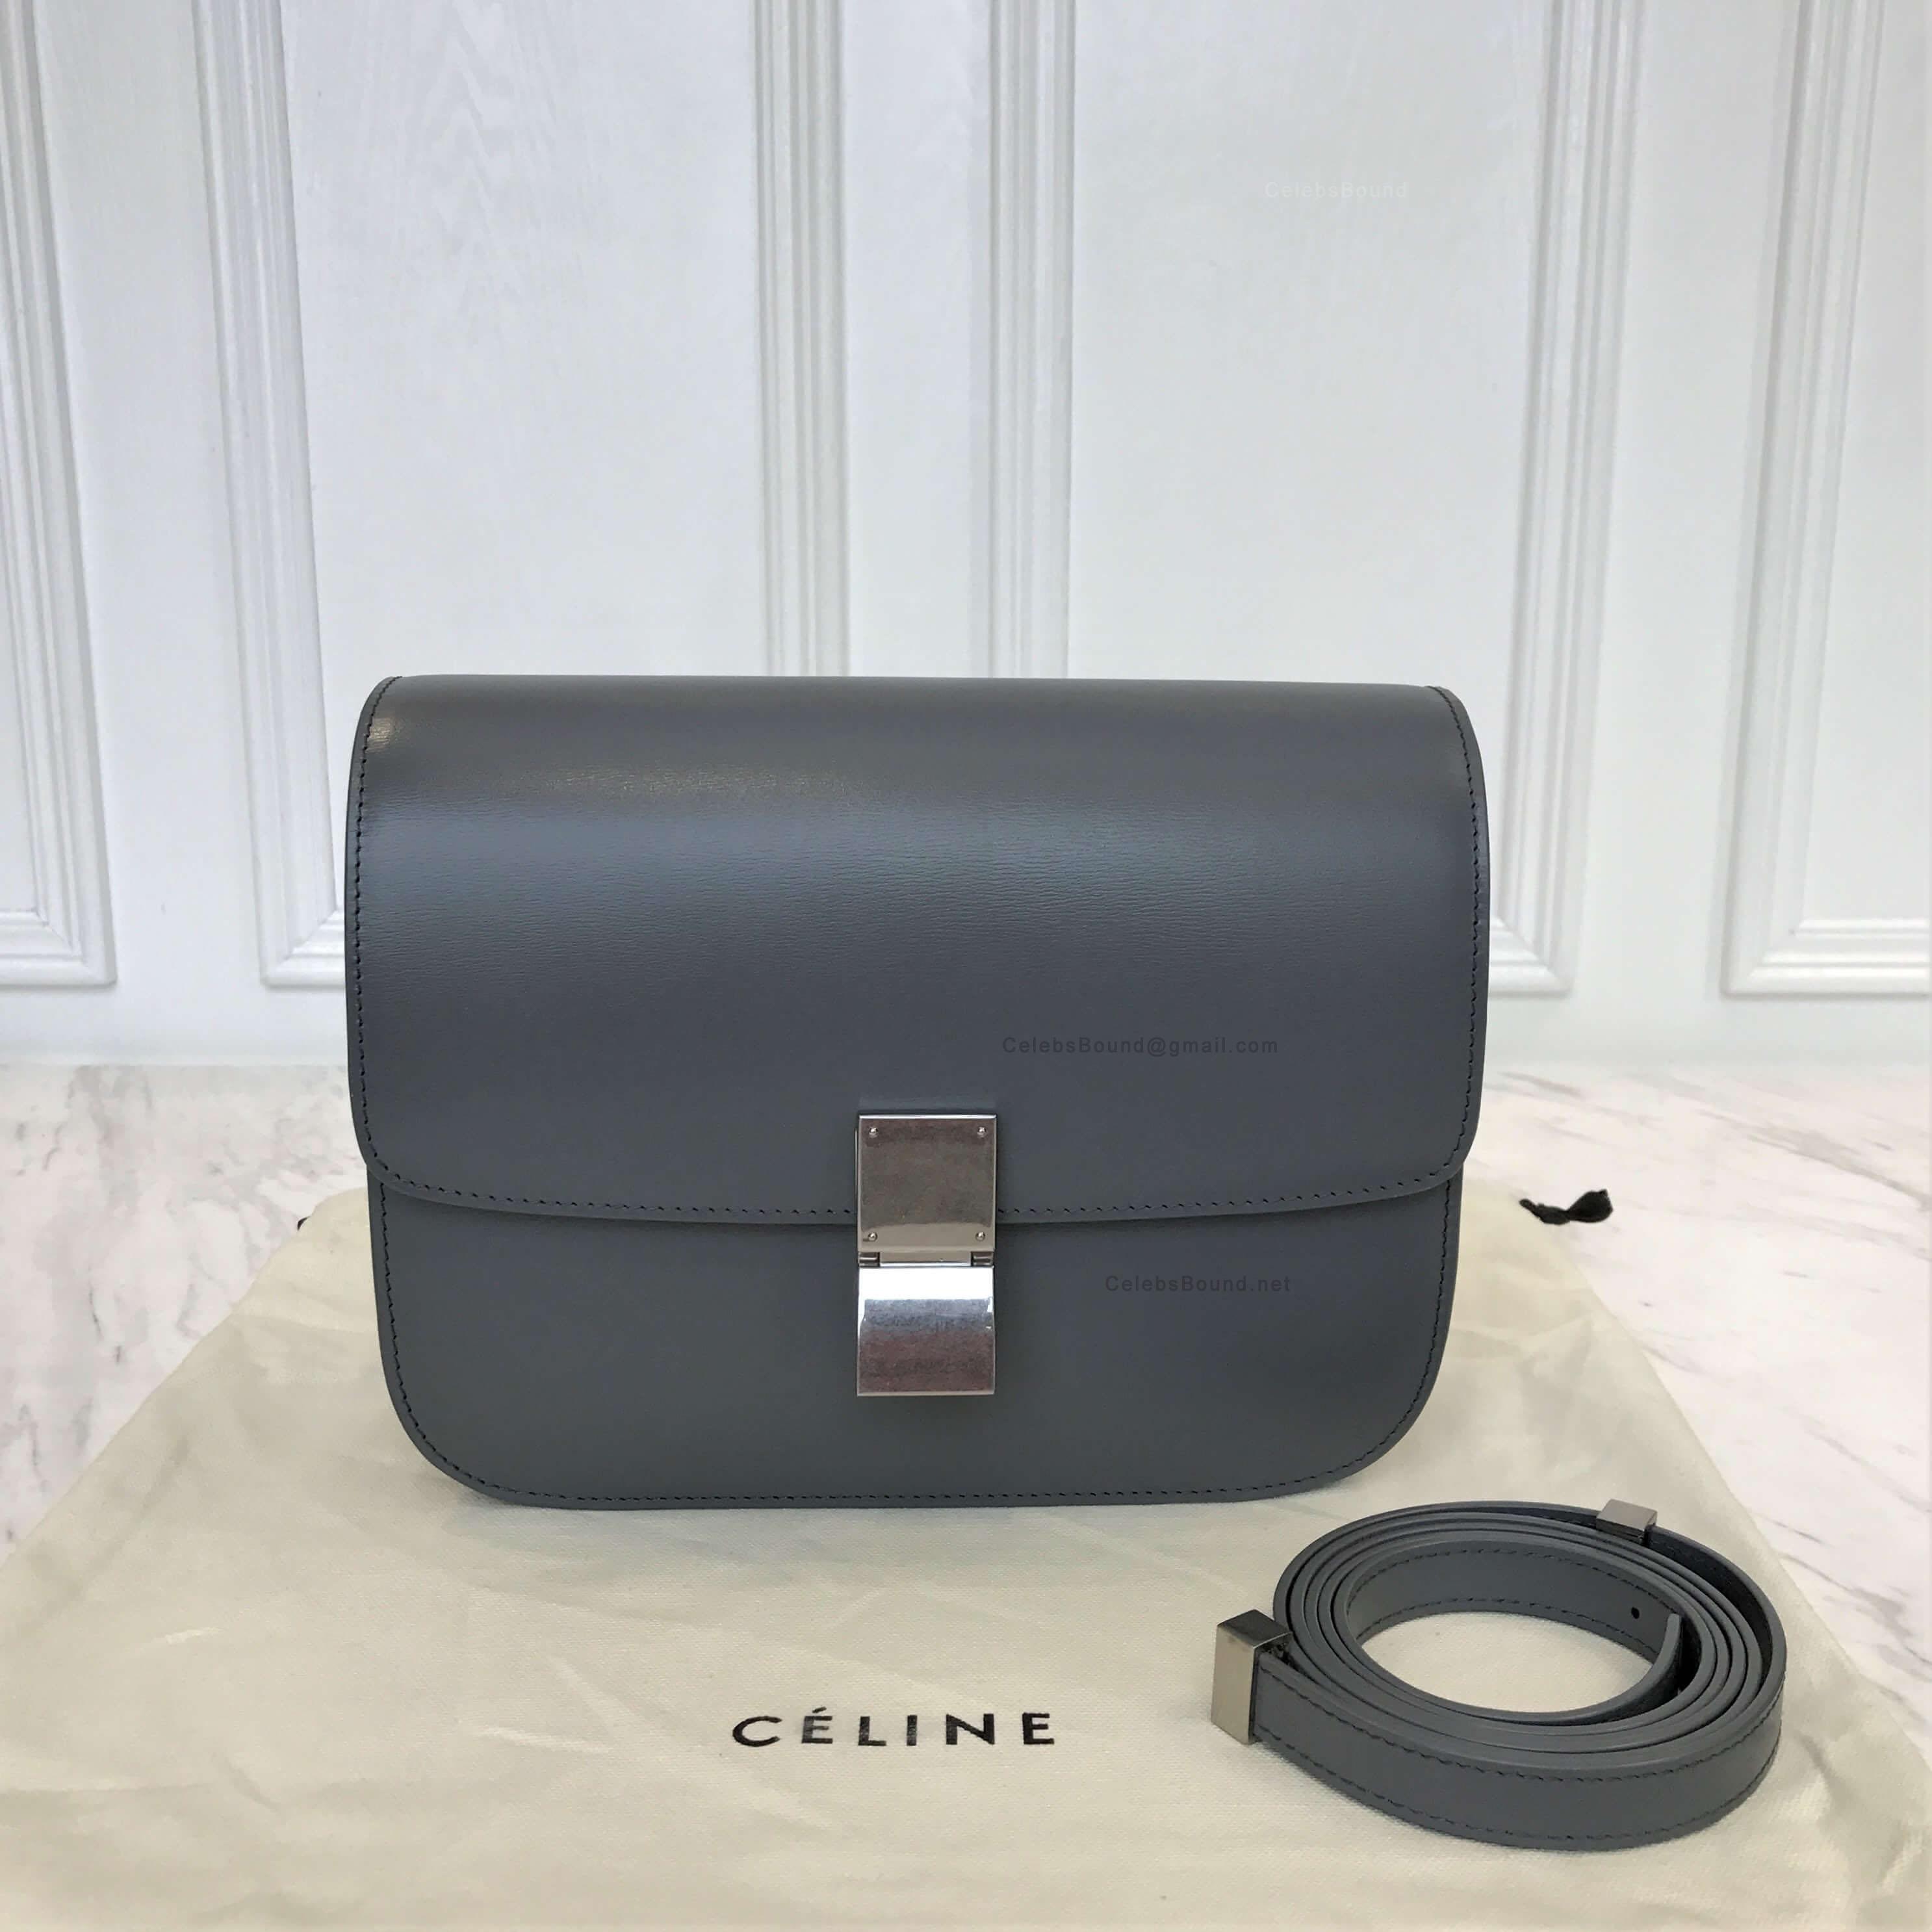 a9d7c70e5b Celine Classic Box Bag Medium in Slate Grey Liege Calfskin